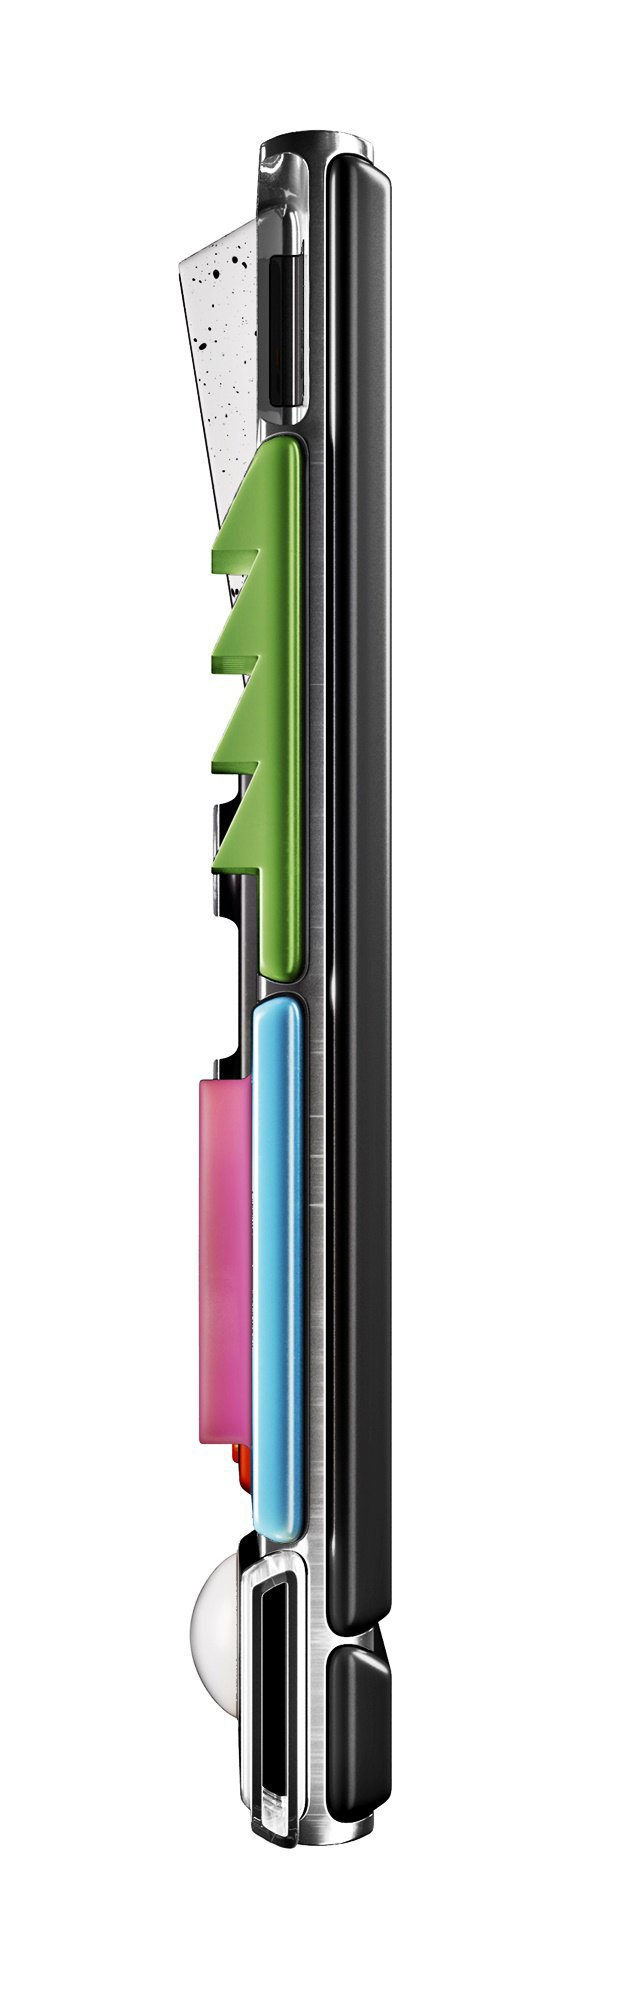 Концепт дня: смартфон Ara смодулями Lapka. Изображение №3.